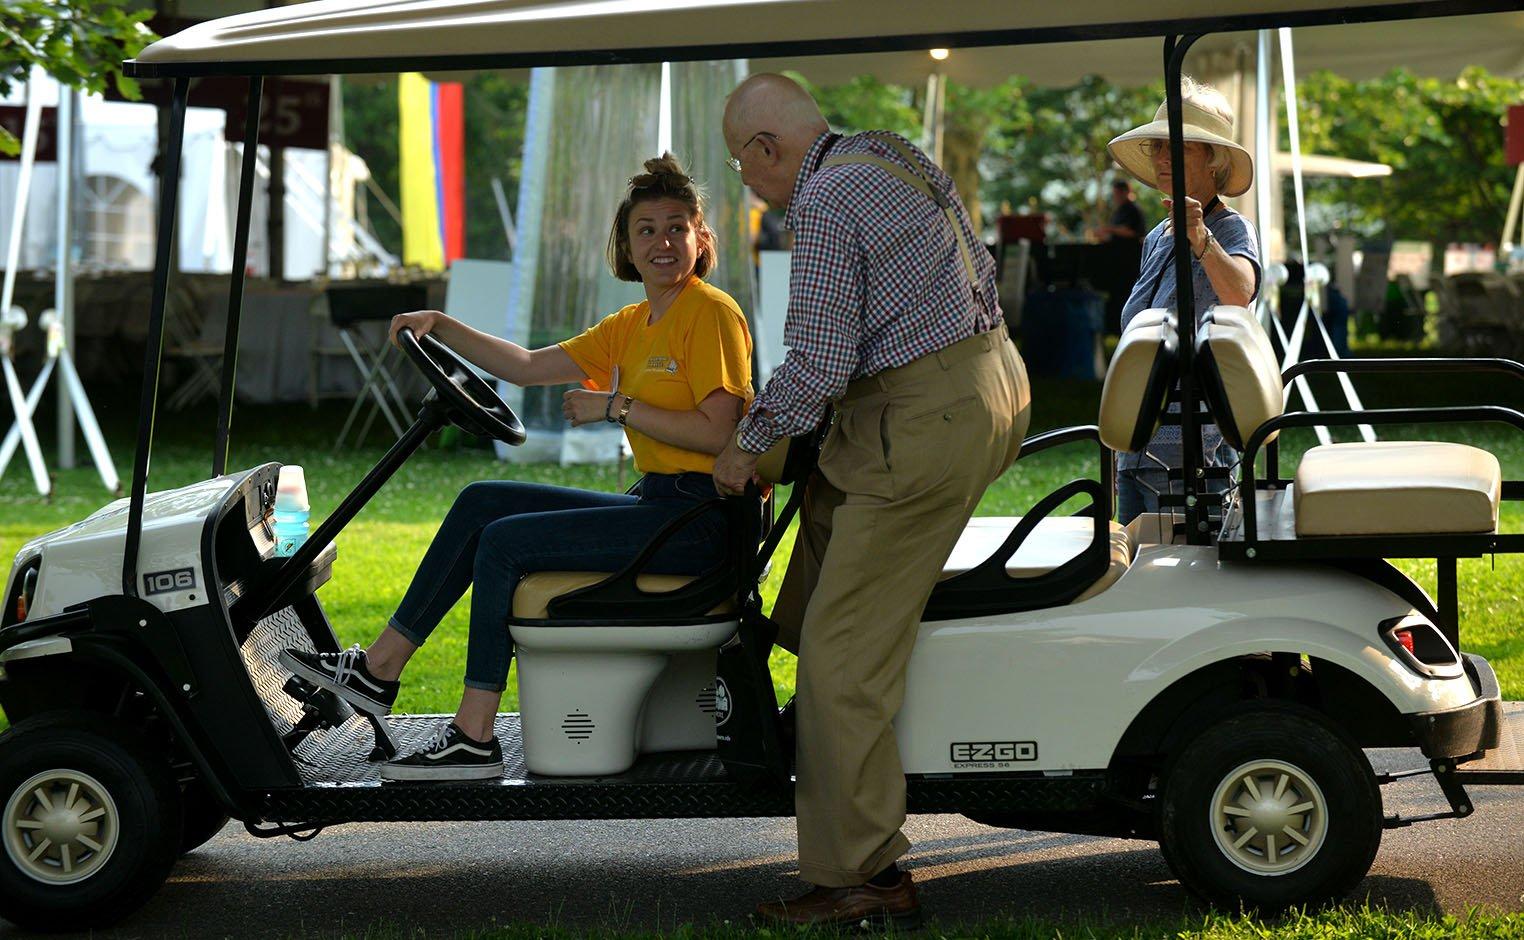 alumni golf cart